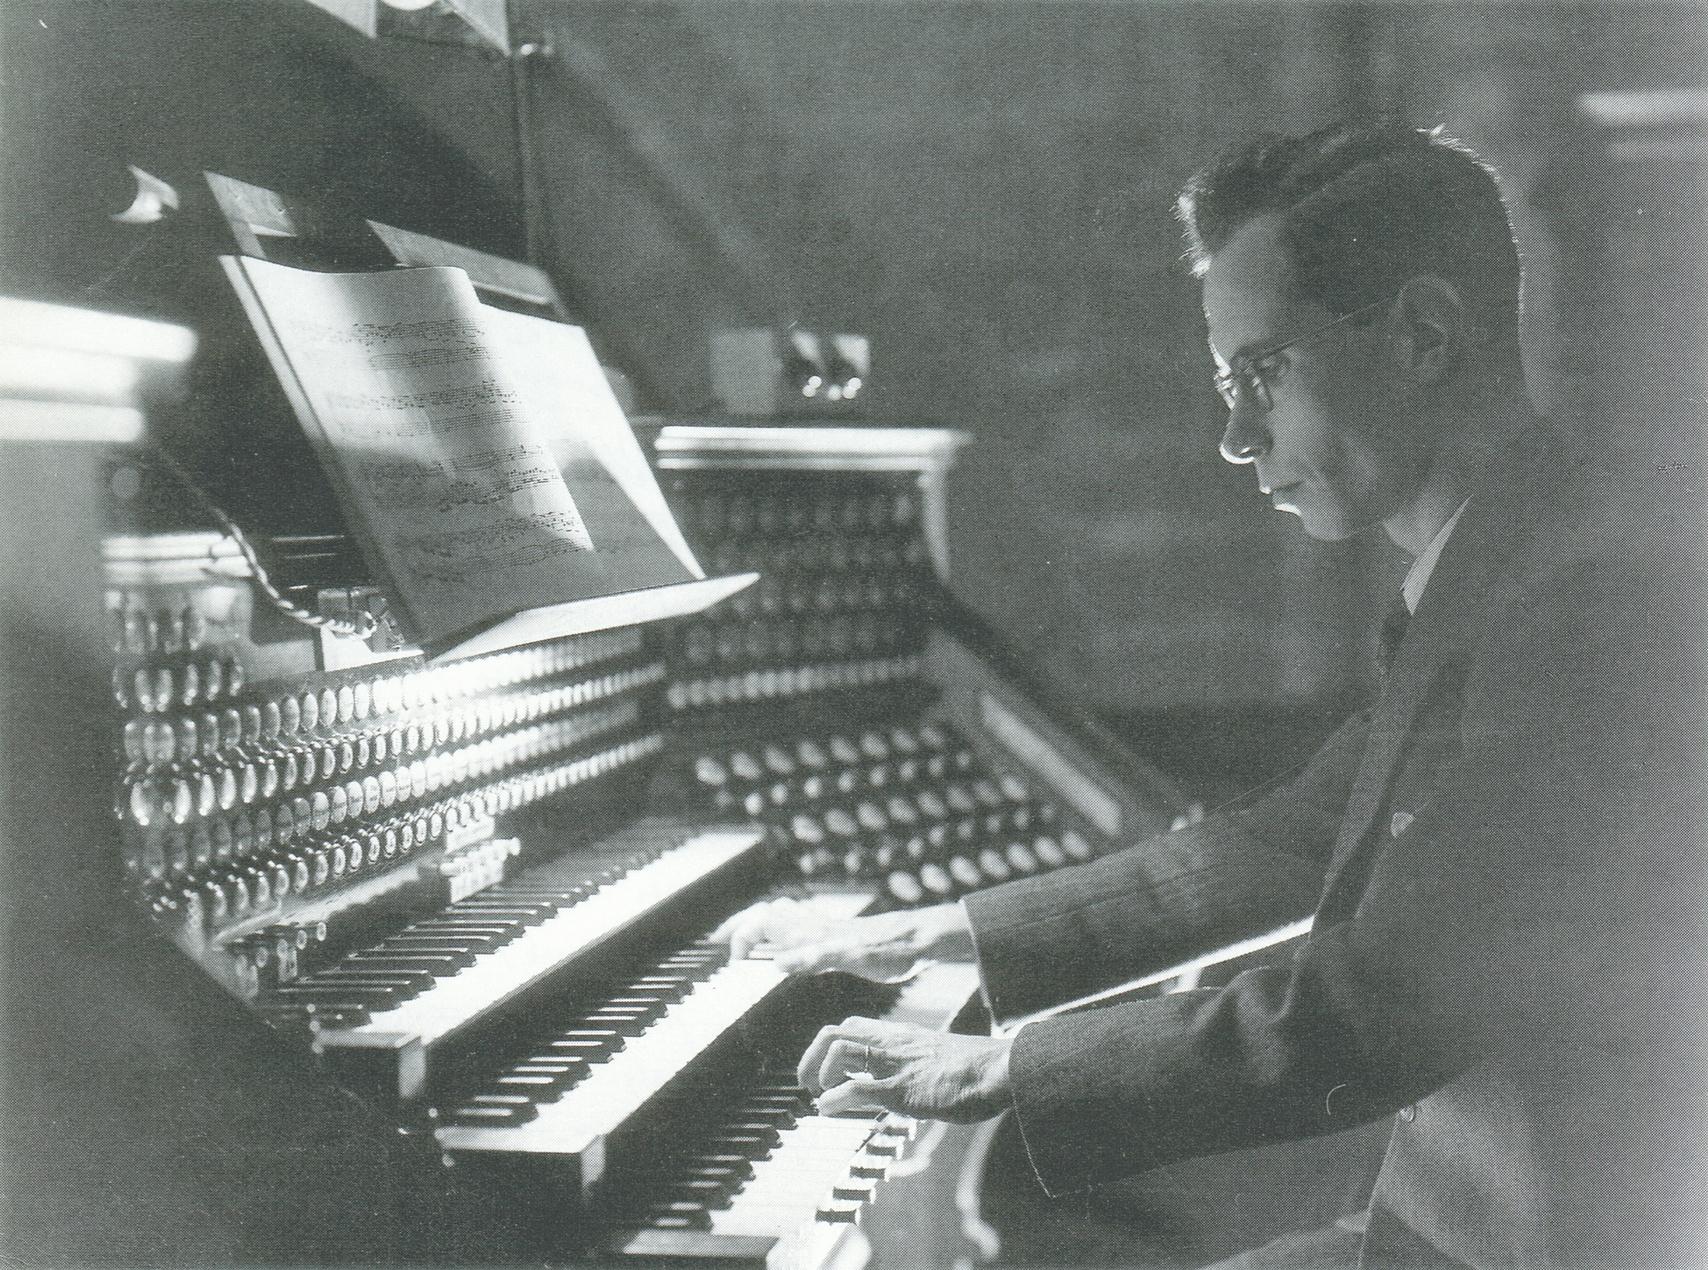 Pierre SEGOND vers 1946 au clavier de l'orgue Tschanun de la Cathédrale Saint-Pierre, une photo de Charles-Gustave Goerge, Cliquer sur la photo pour une vue agrandie et les références